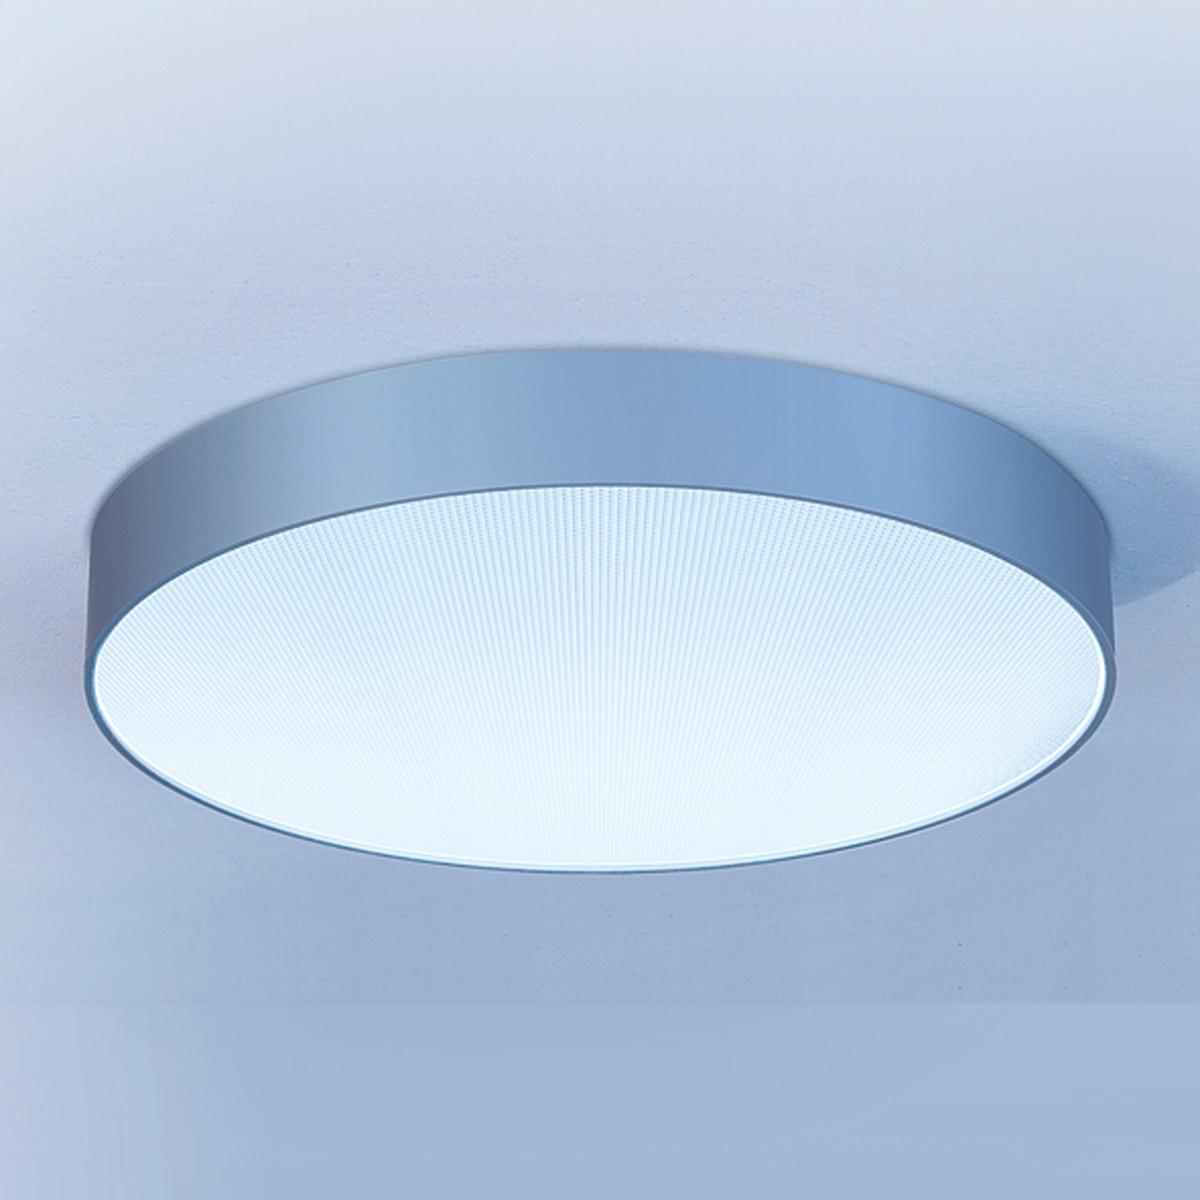 Lightnet Basic-A1 Deckenleuchte, Mikroprismatik, Ø: 20 cm, Silber matt